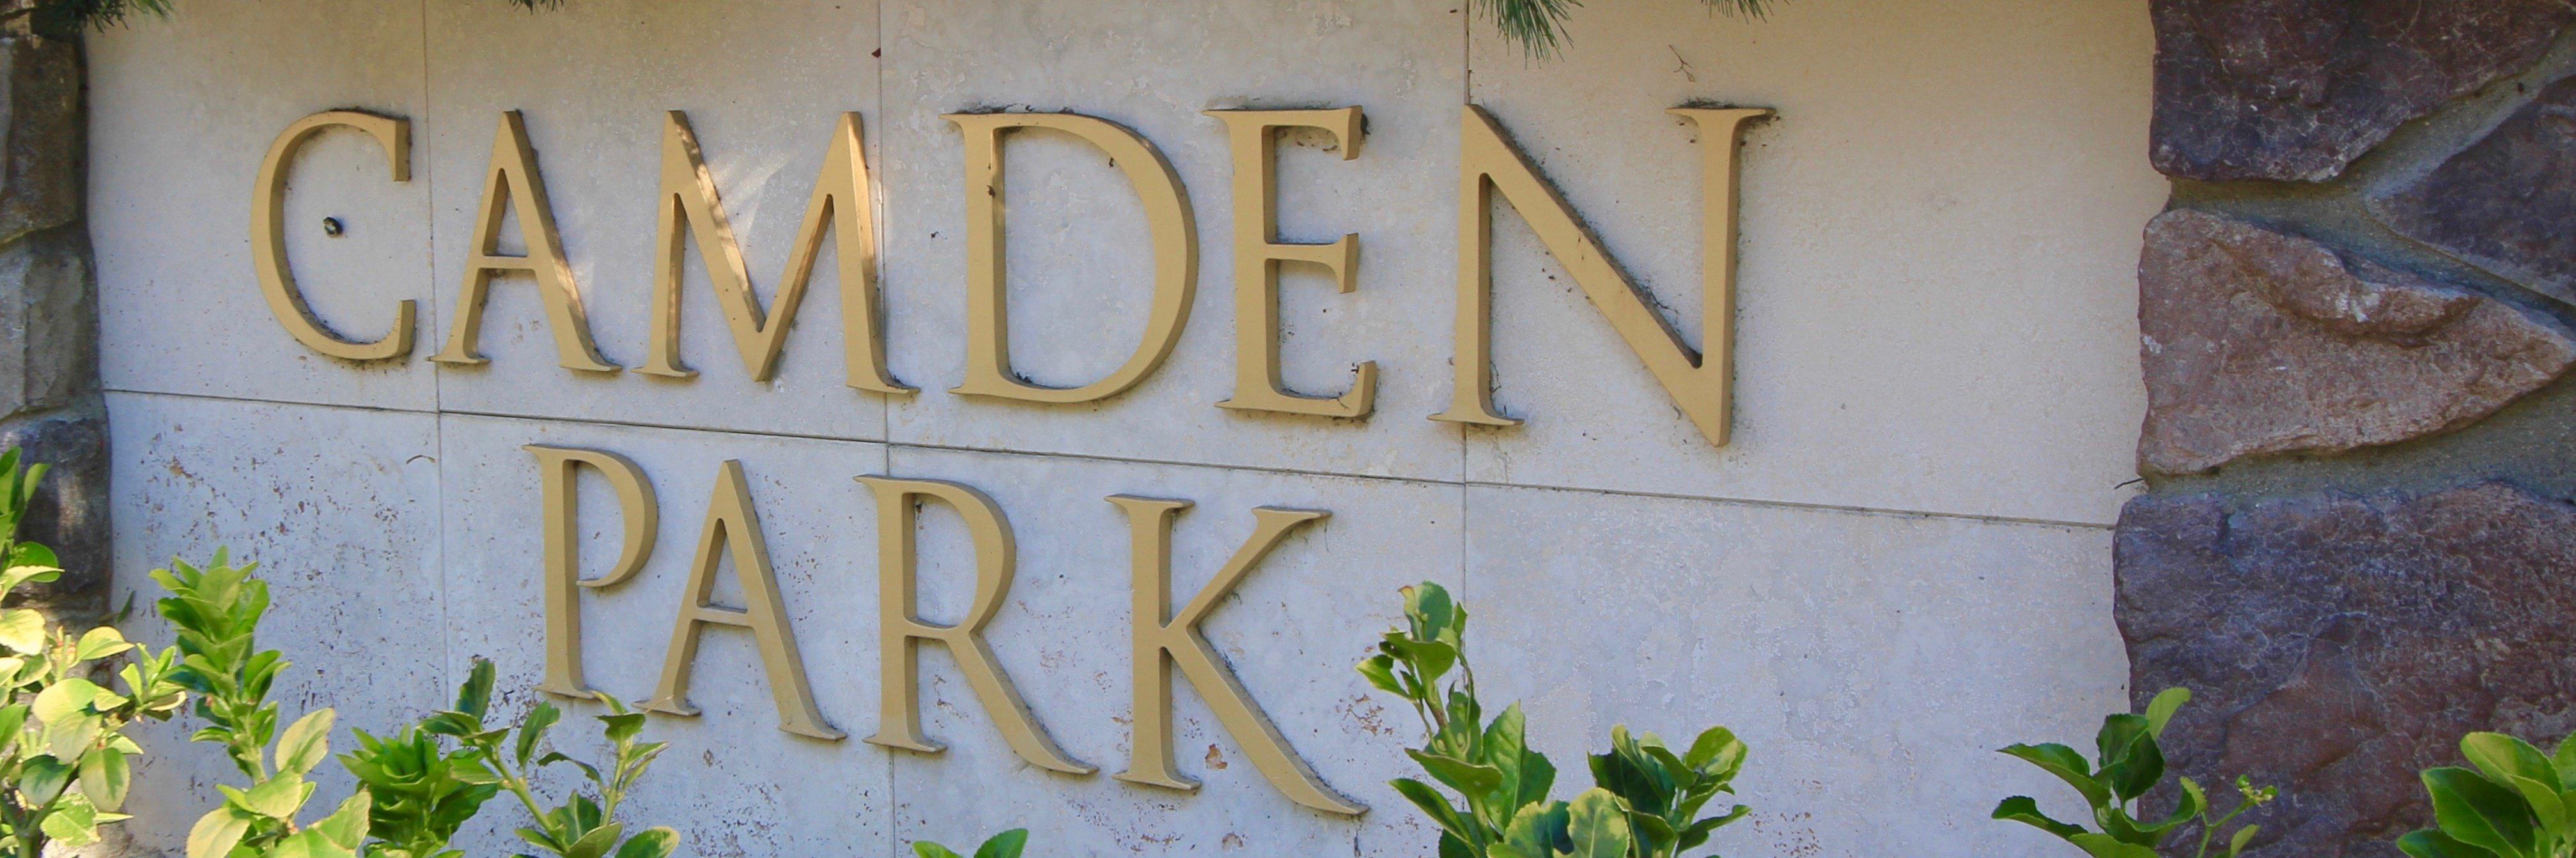 Camden Park Community Marquee in Aliso Viejo